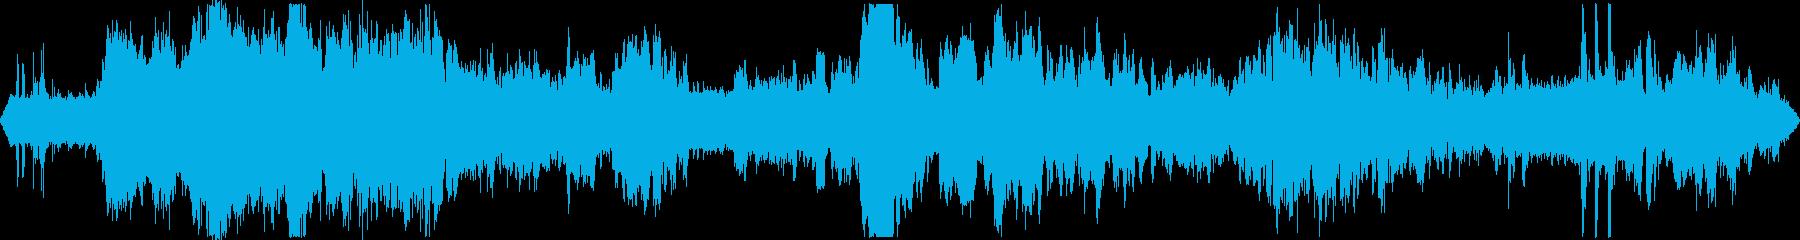 道路工事2  騒音 現場 重機 立体音響の再生済みの波形